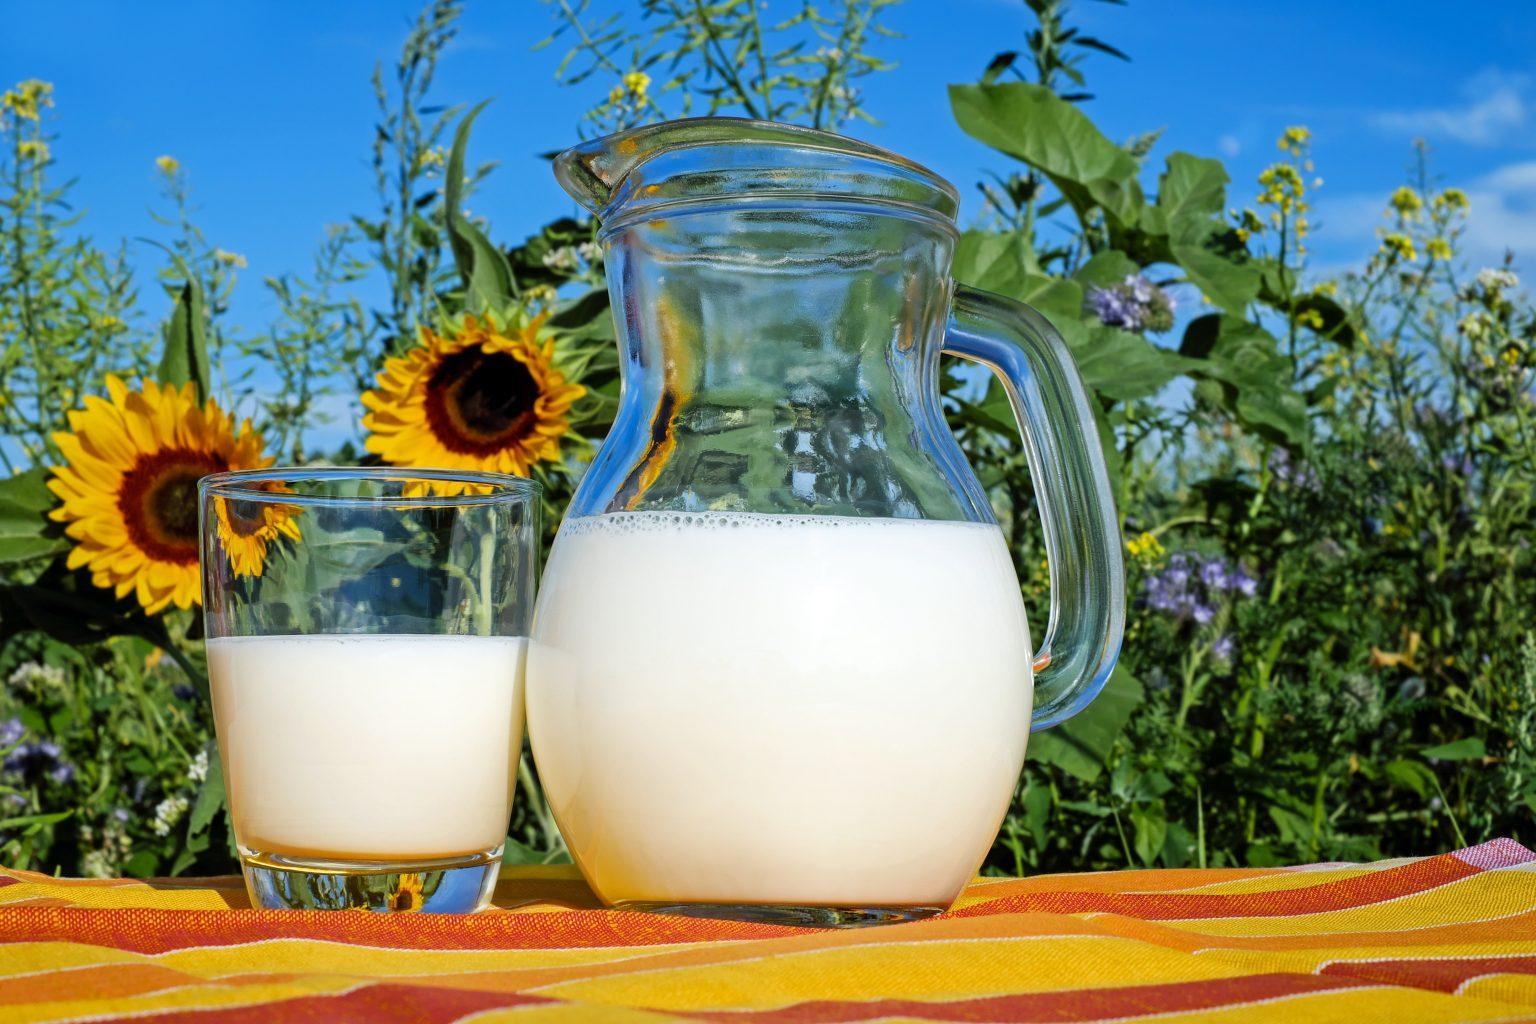 drink-milk-when-breastfeeding